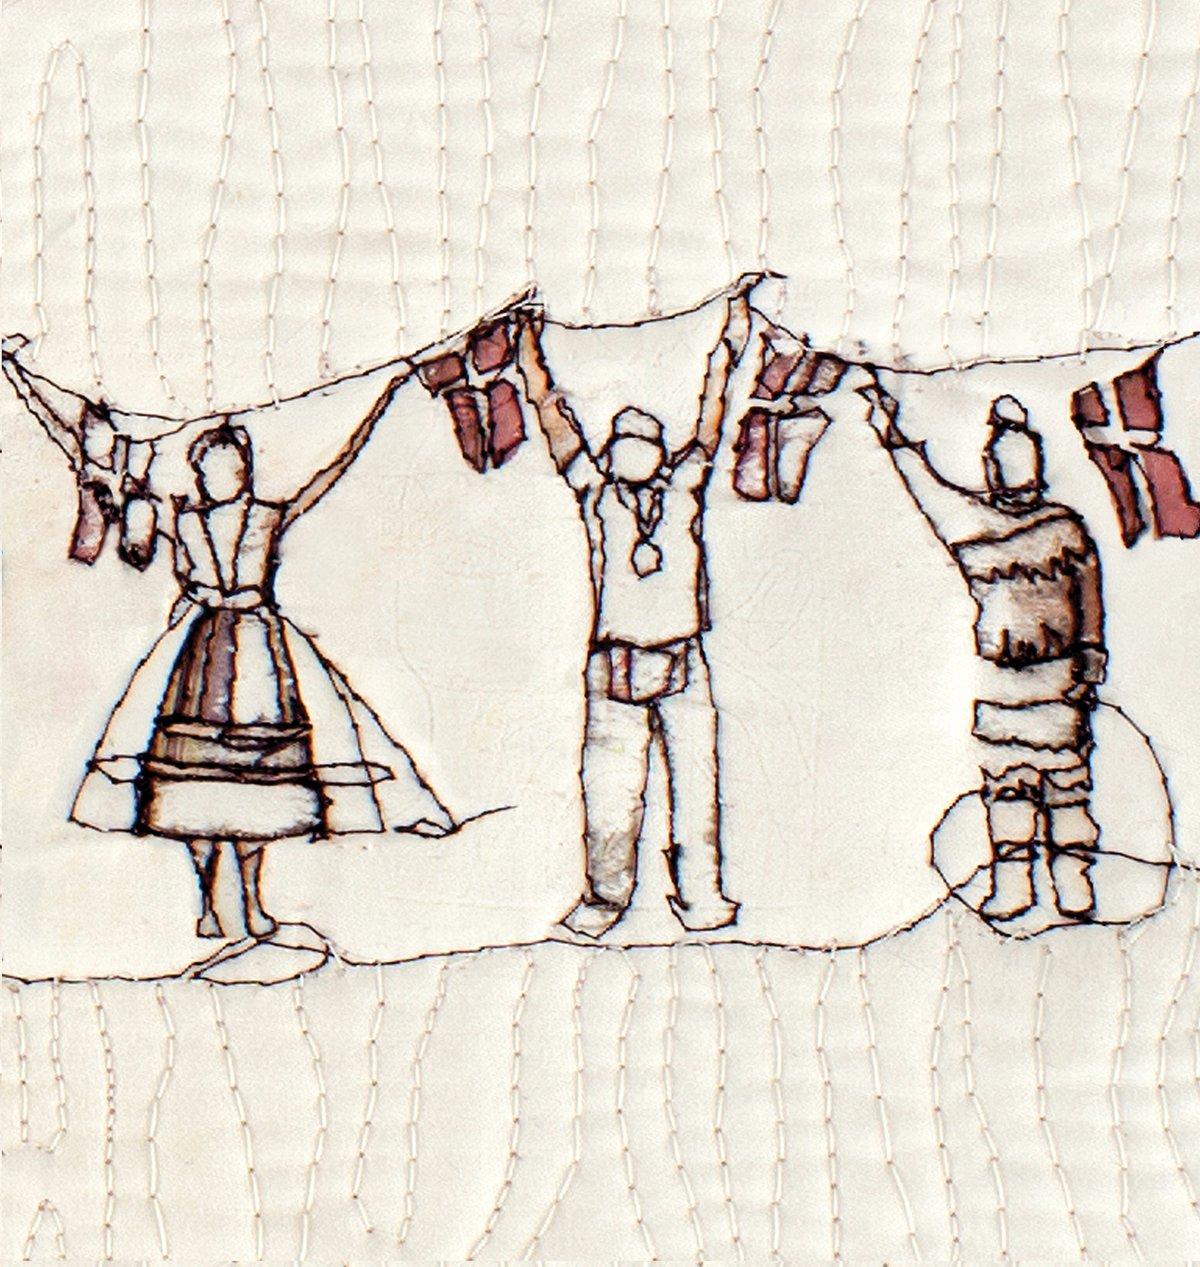 Image of Celebration #3